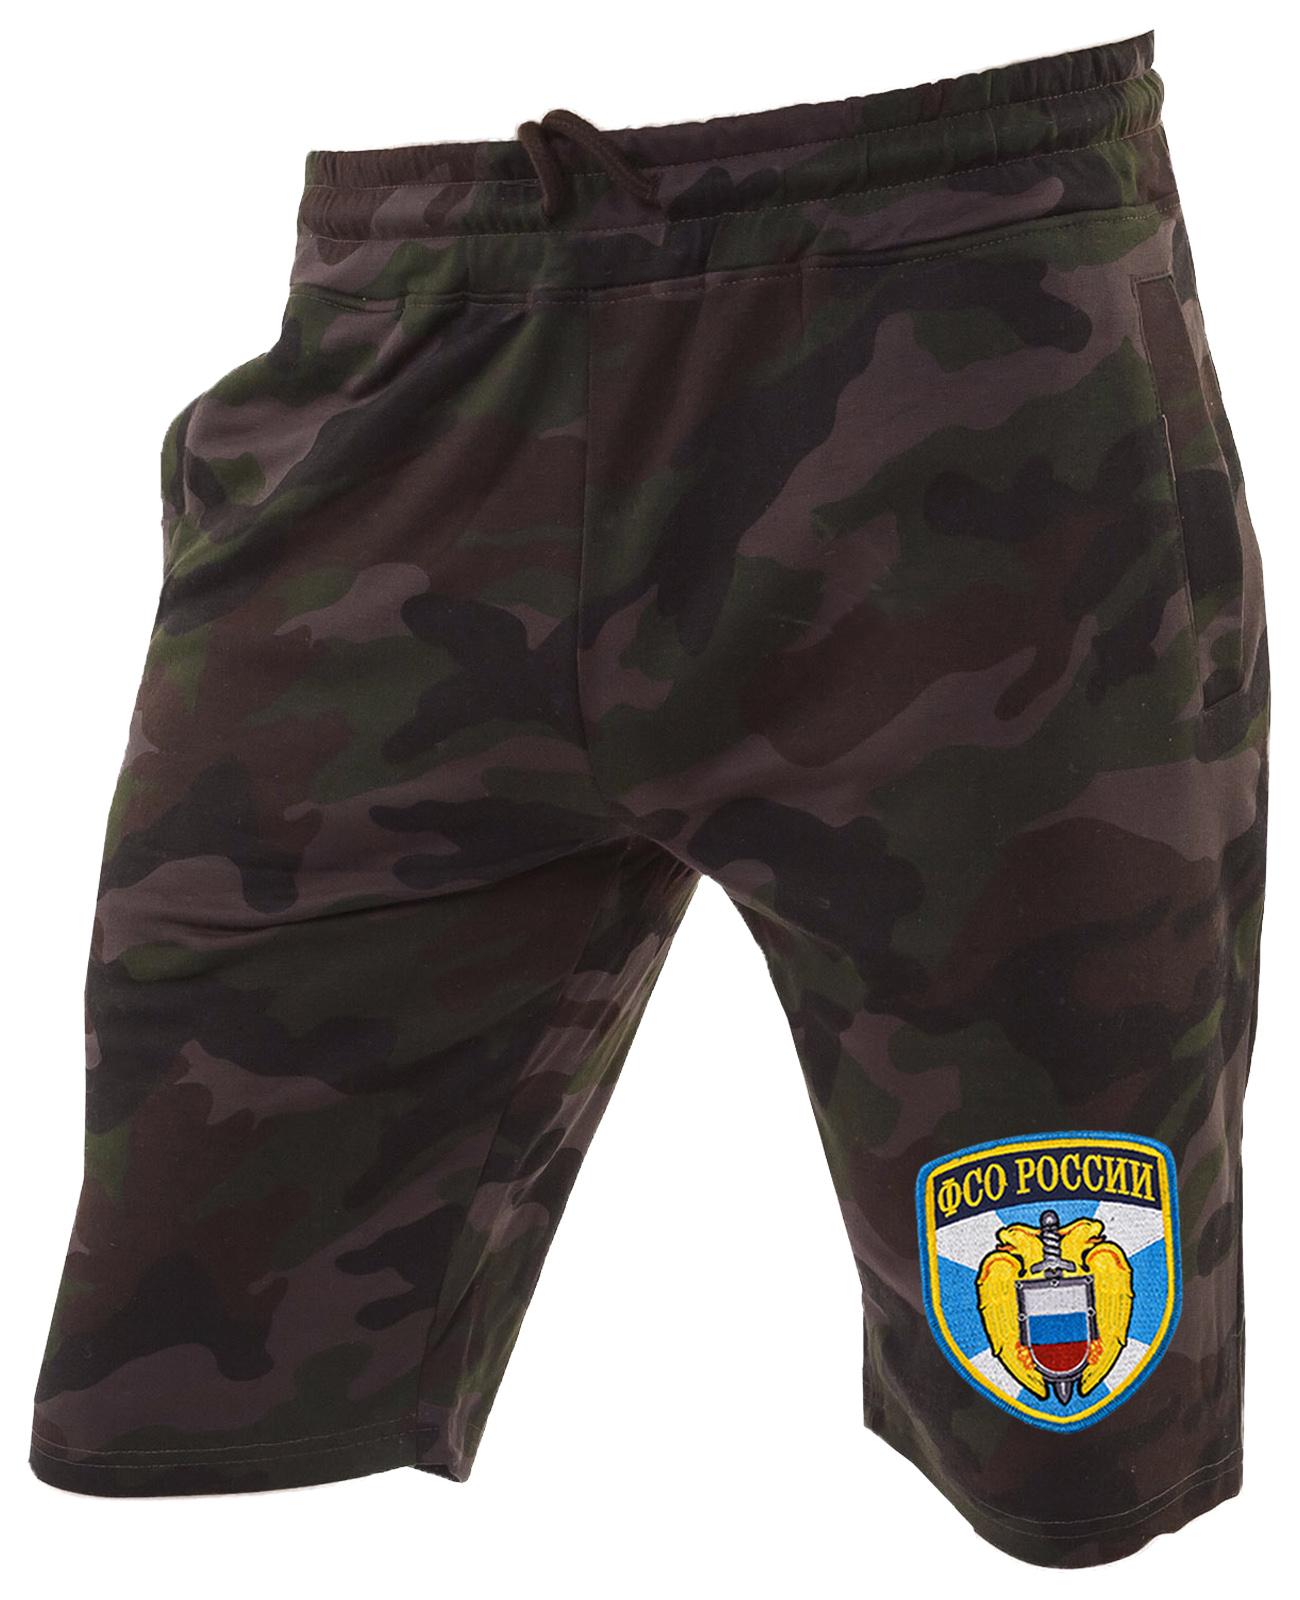 Темные крутые шорты с нашивкой ФСО